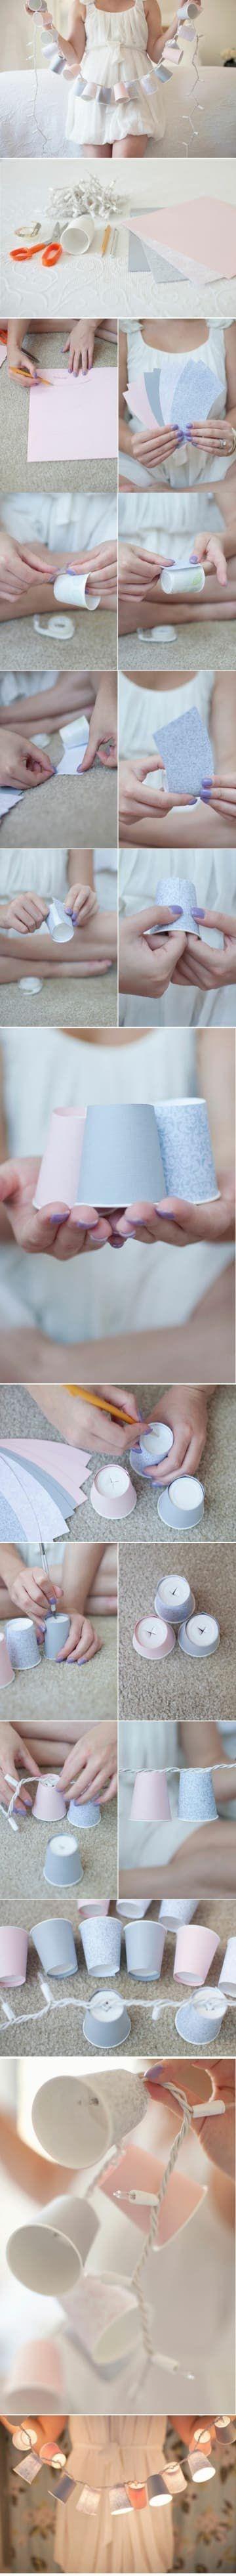 7 best ♡ Lichterketten & Leuchten images on Pinterest   String ...